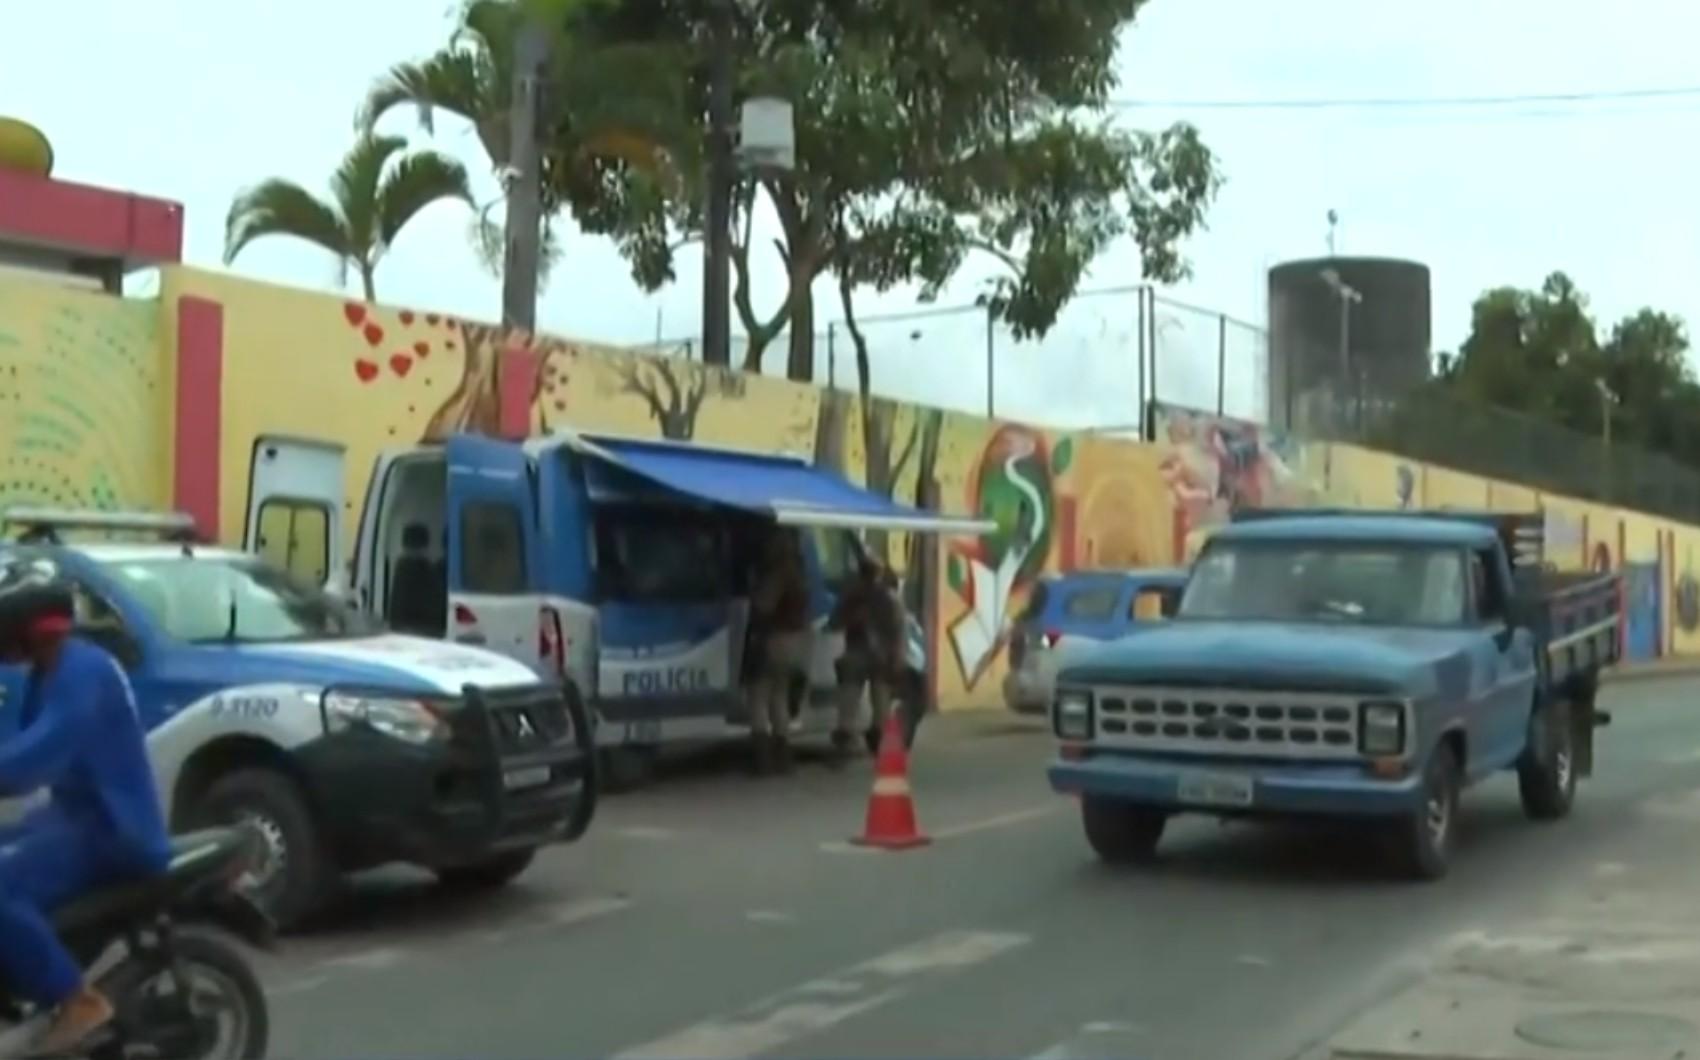 Adolescente é morto em ataque a tiros no bairro de Valéria em Salvador; moradores registraram momento dos disparos